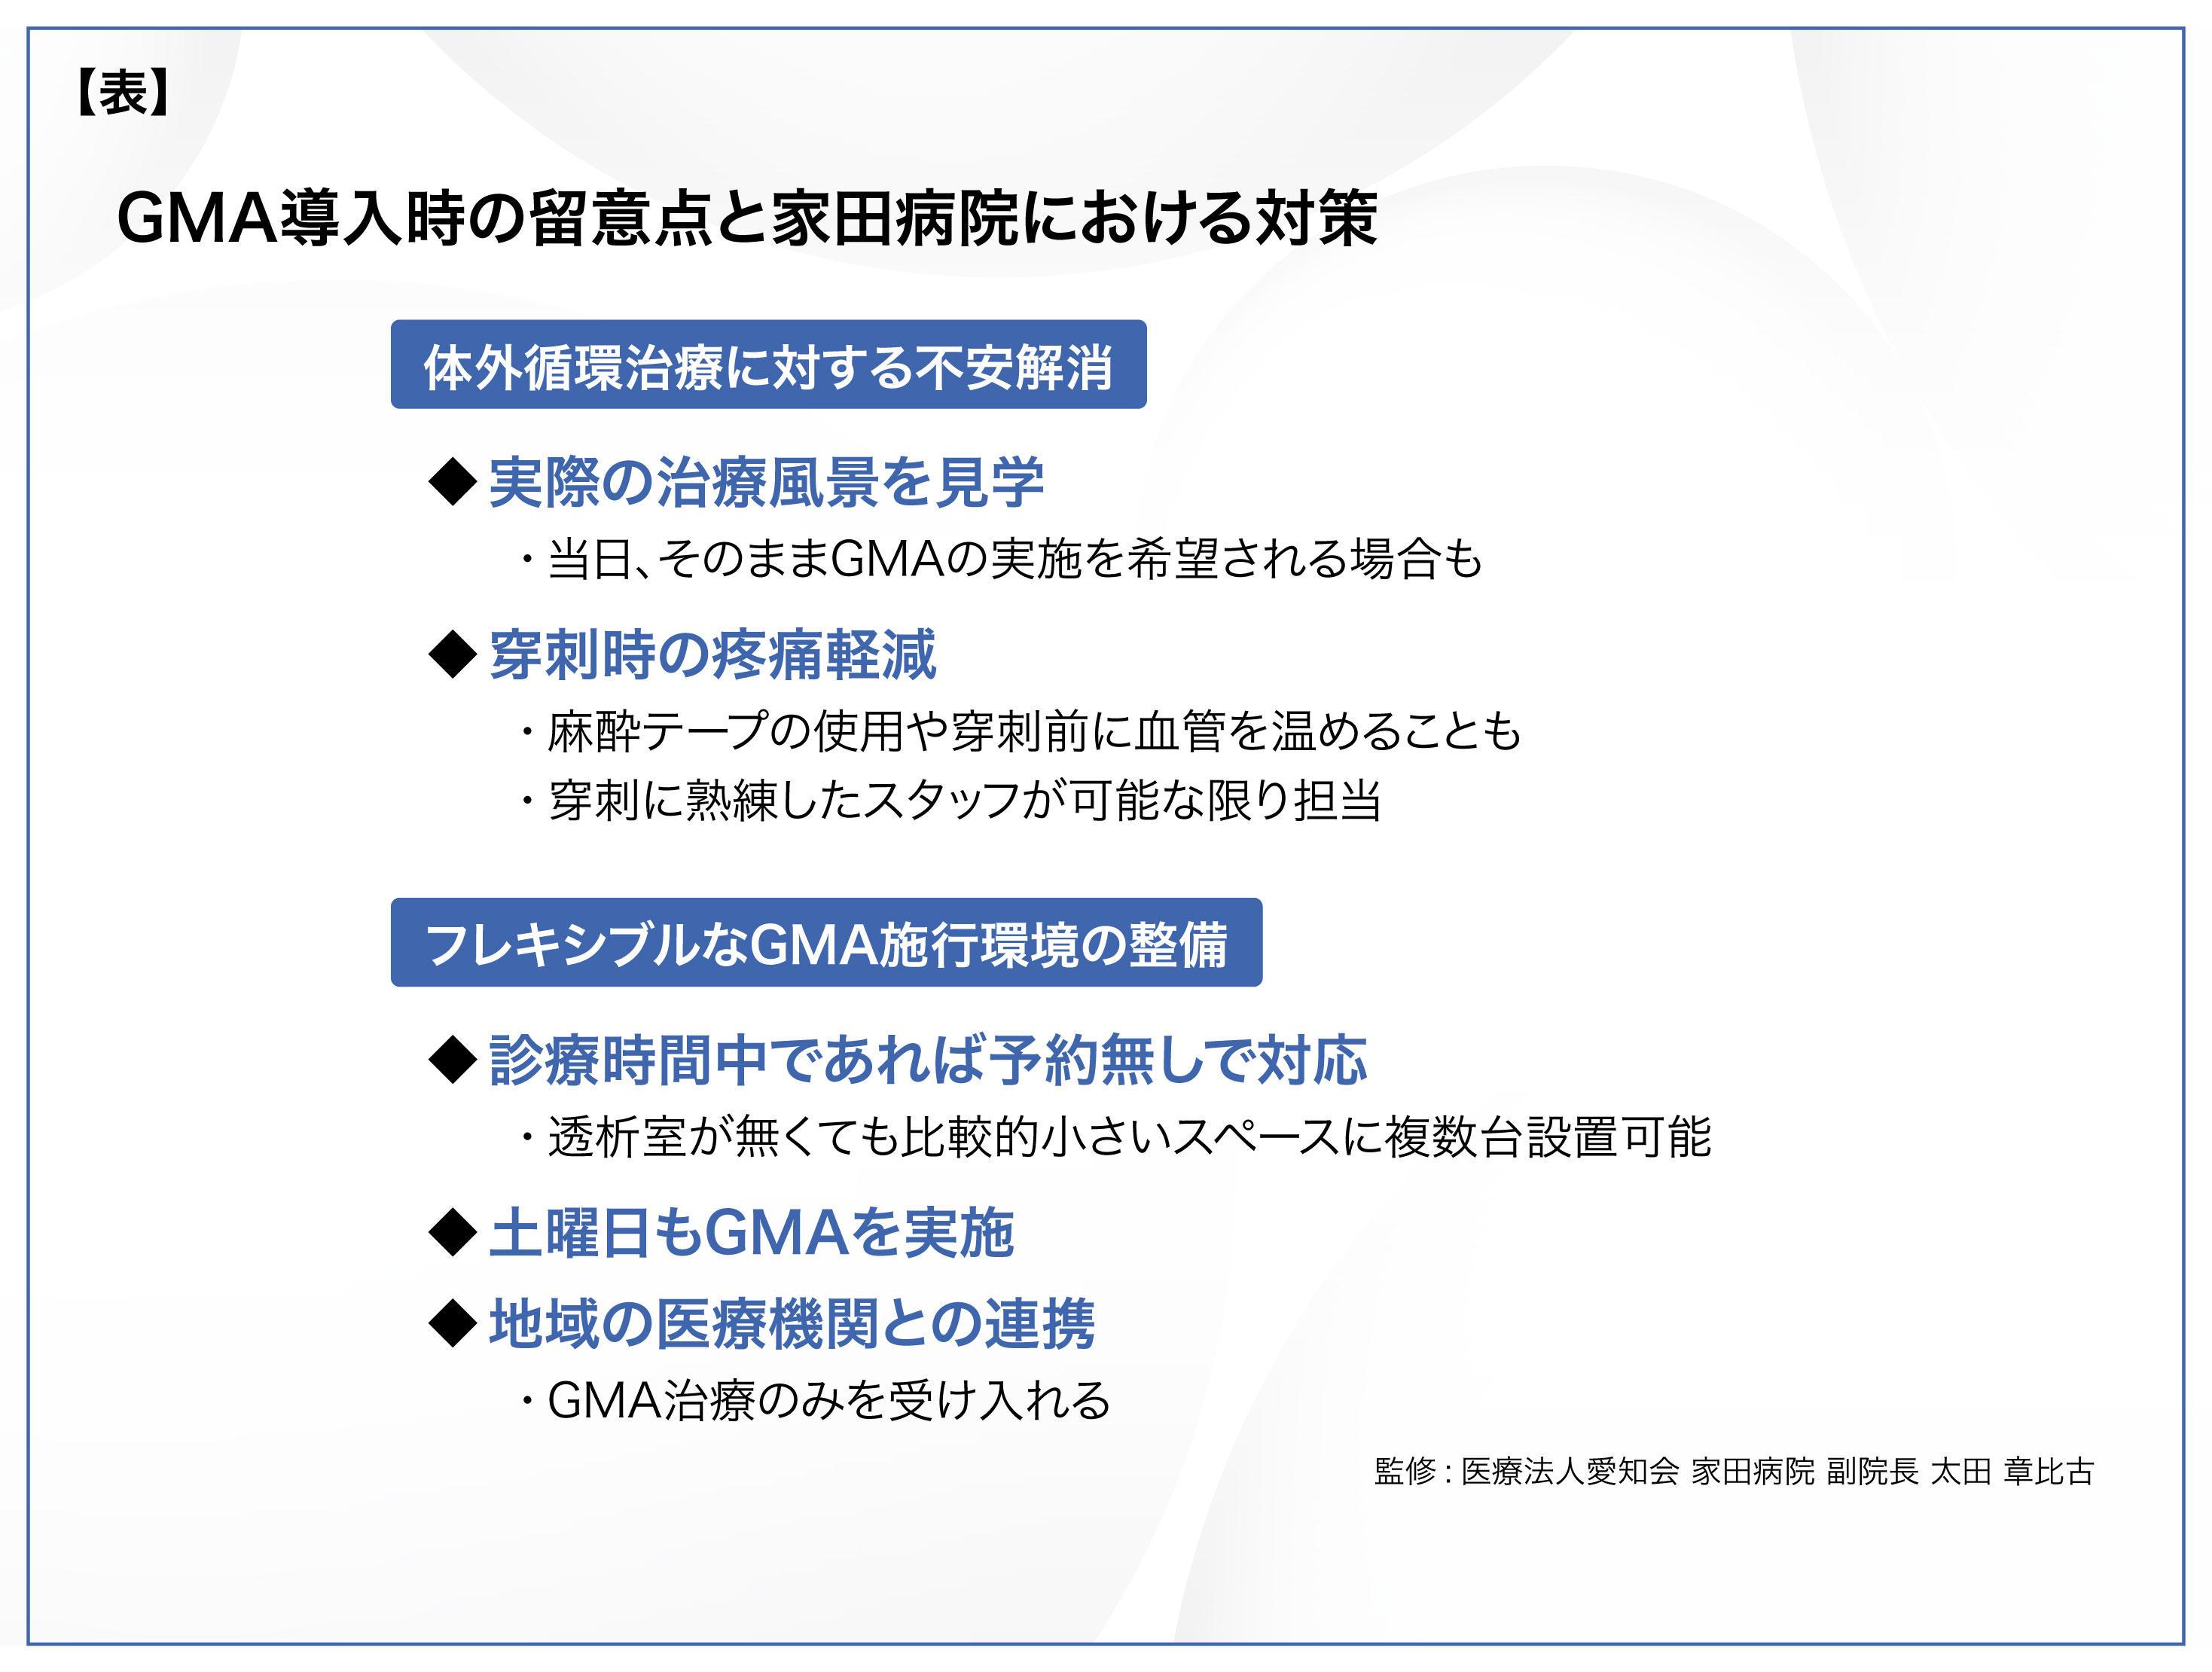 https://www.jimro.co.jp/medical-20th/95b93732e23eb92a5d8db08d3c9db0007bd22e56.jpg